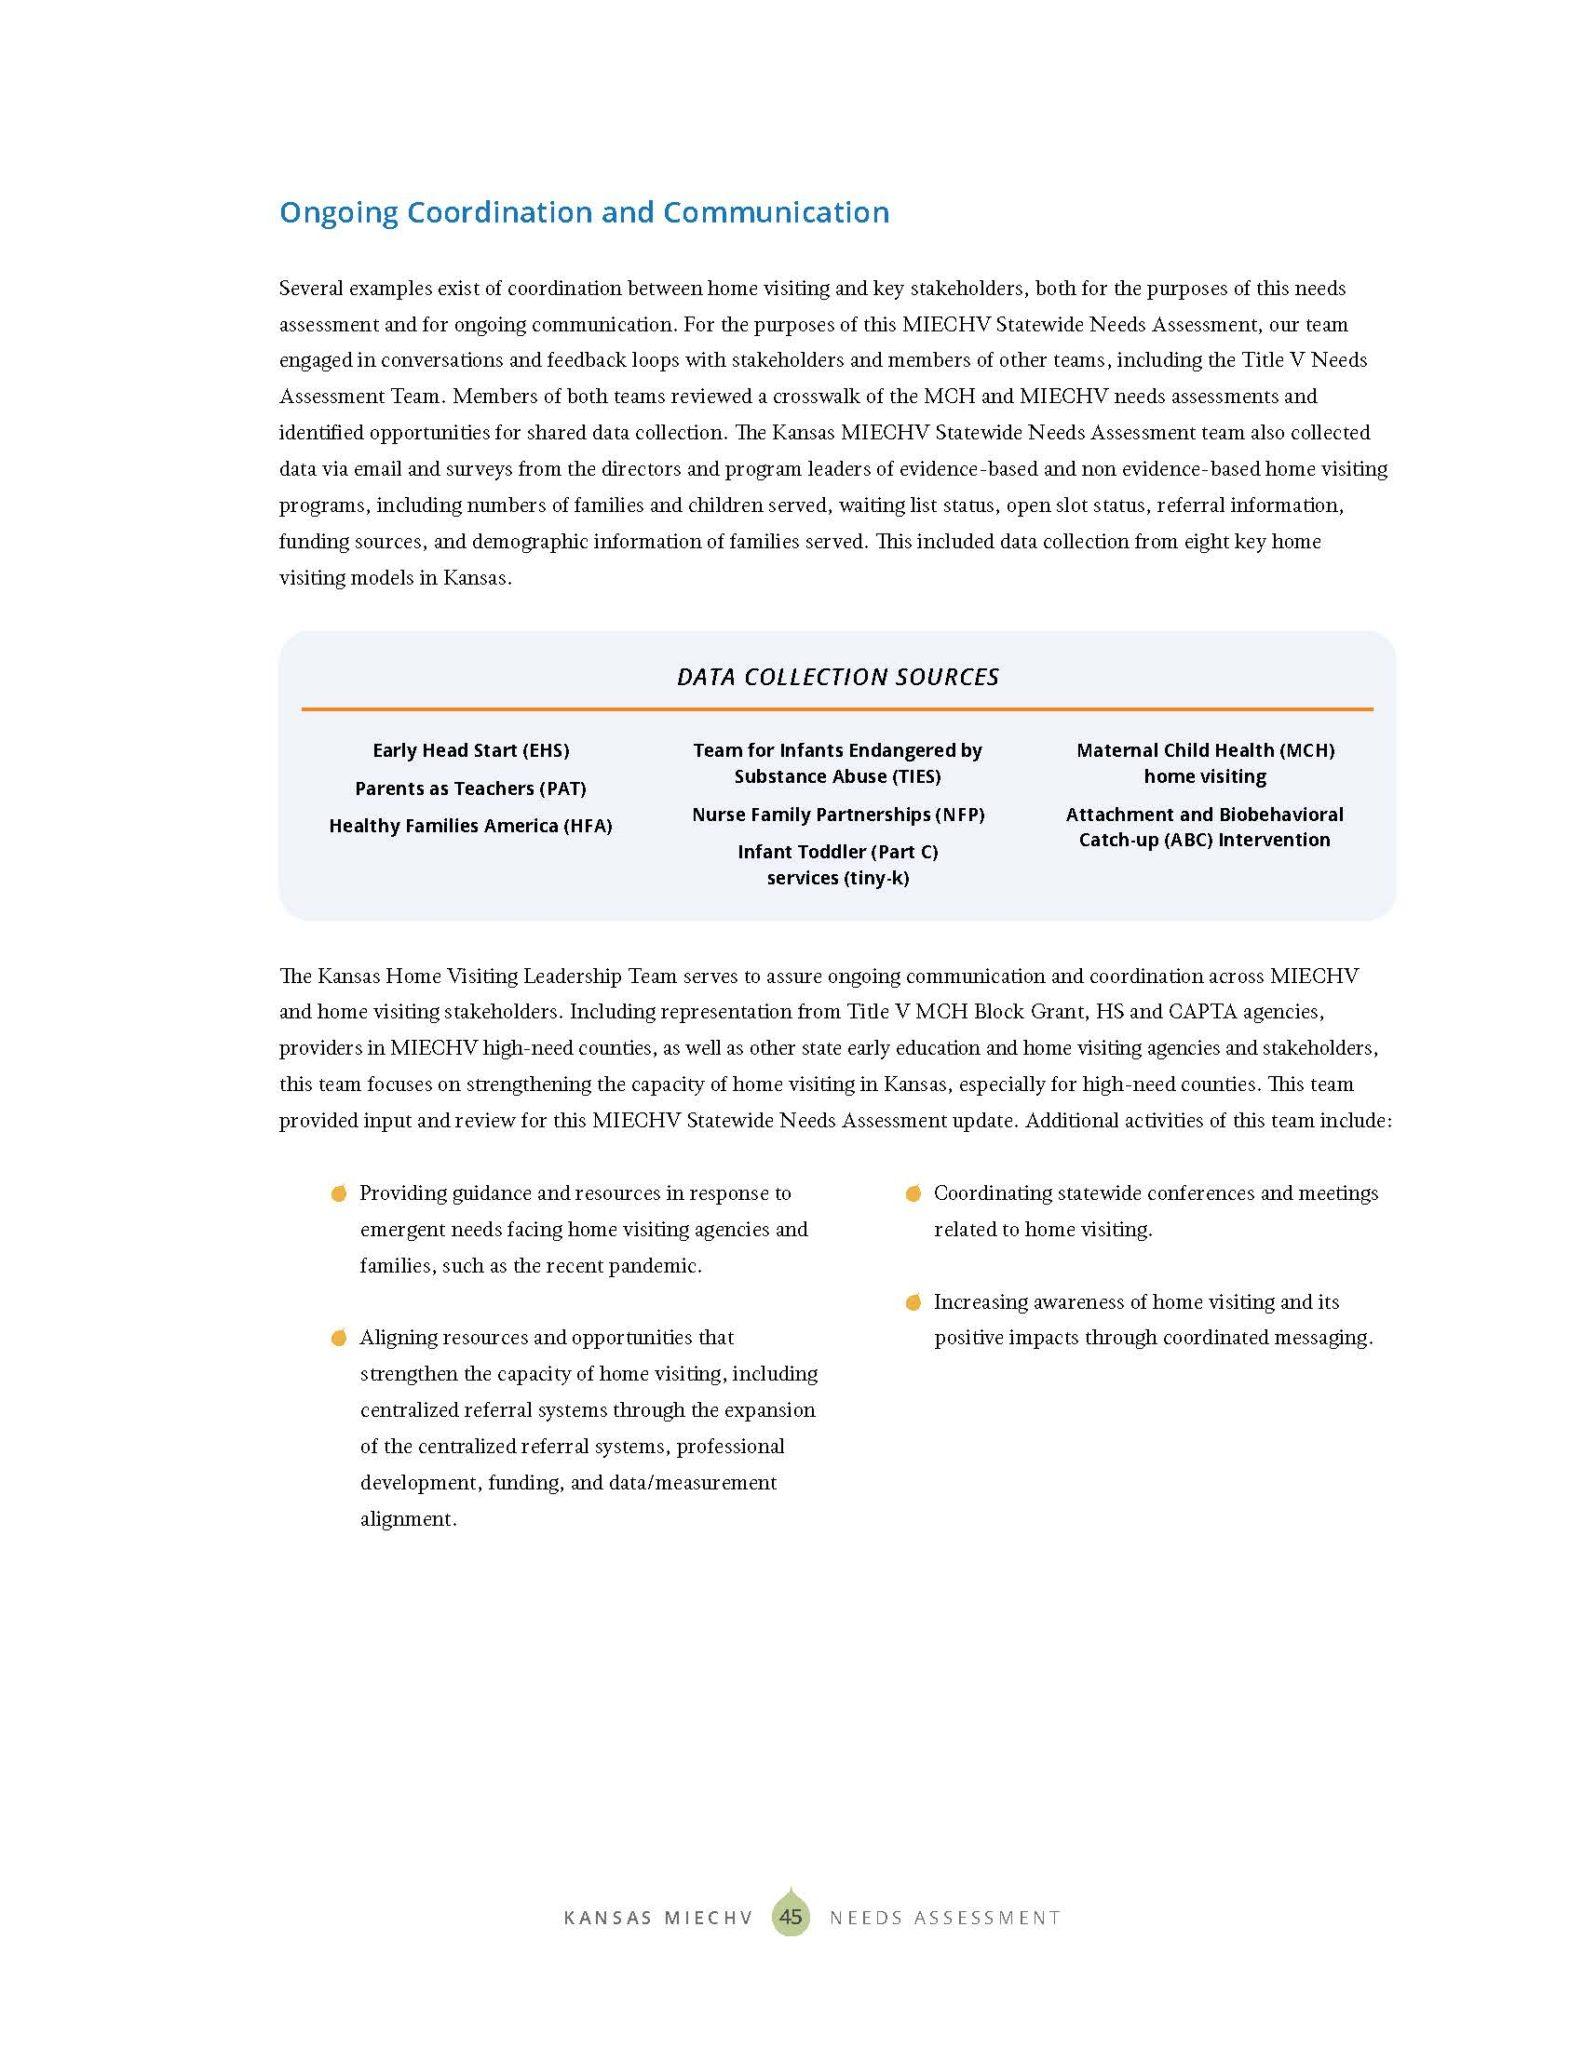 KS MIECHV 2020 Needs Assessment_DIGITAL_Page_053